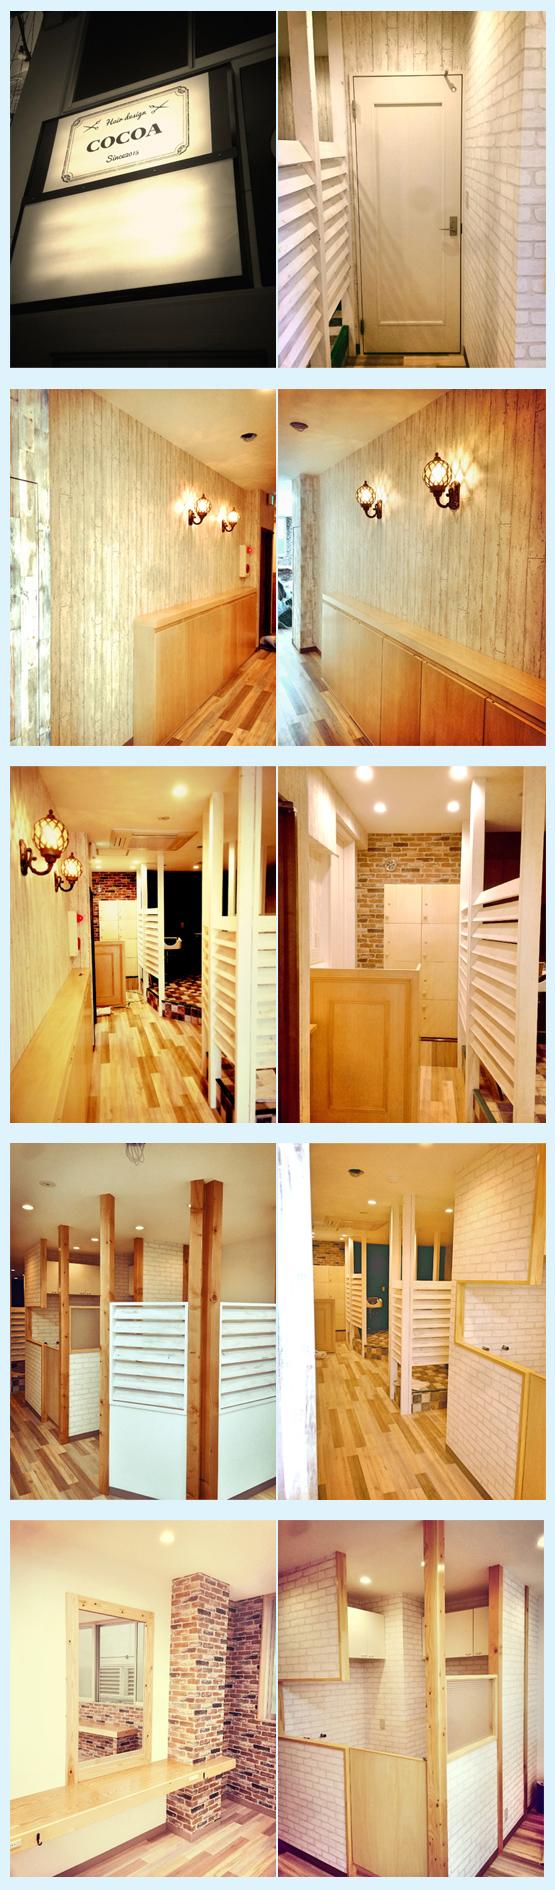 美容室・サロン・エステ 内装デザイン事例99